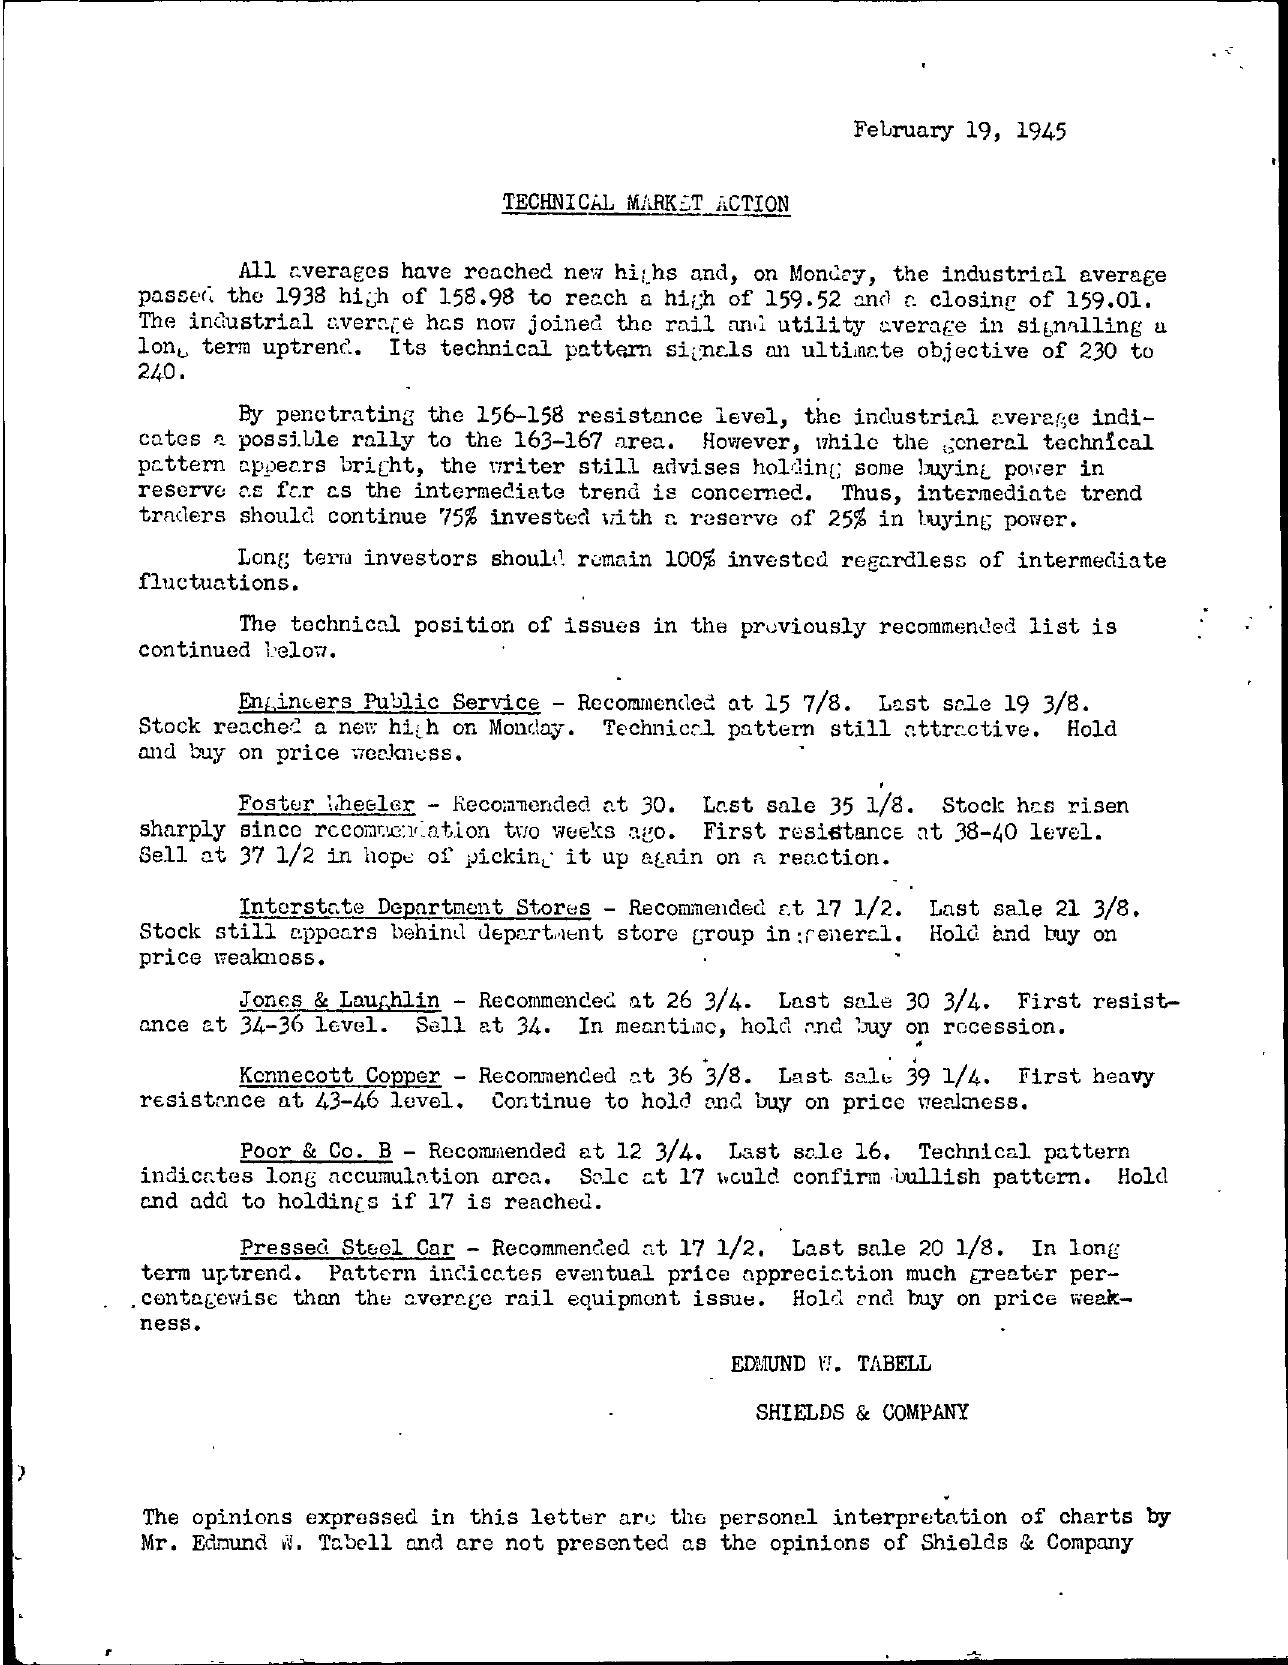 Tabell's Market Letter - February 19, 1945